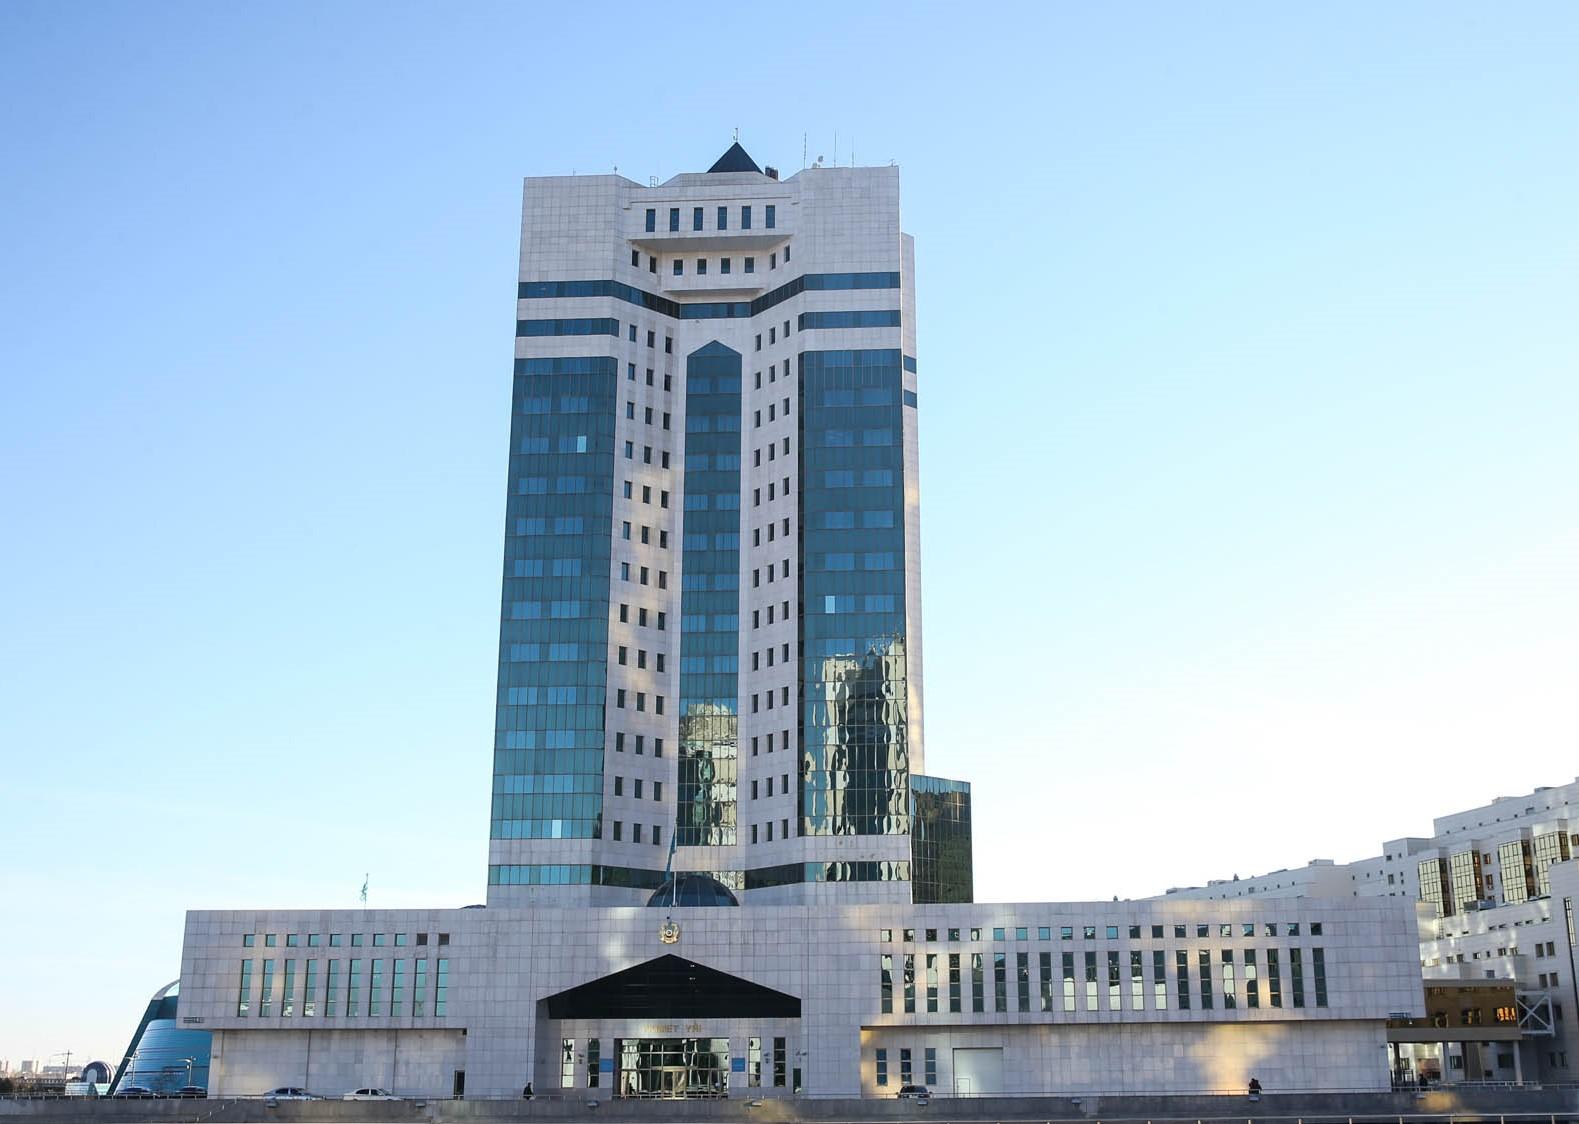 На сайте правительства Казахстана обнаружены документы с вредоносным ПО